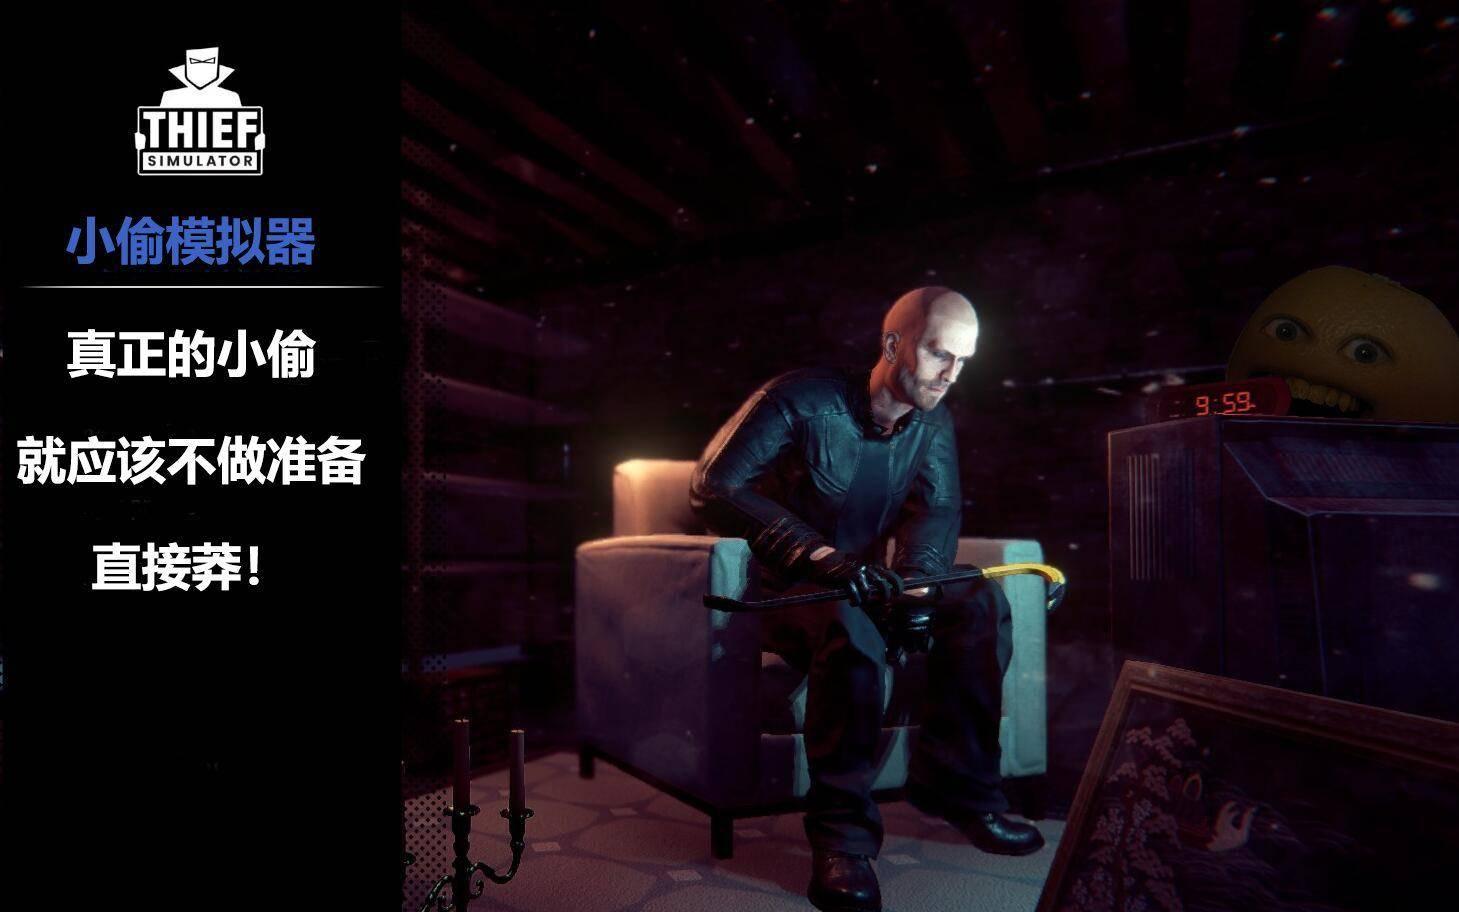 """因为空虚寂寞冷,所以""""人生模拟器""""类游戏火了"""